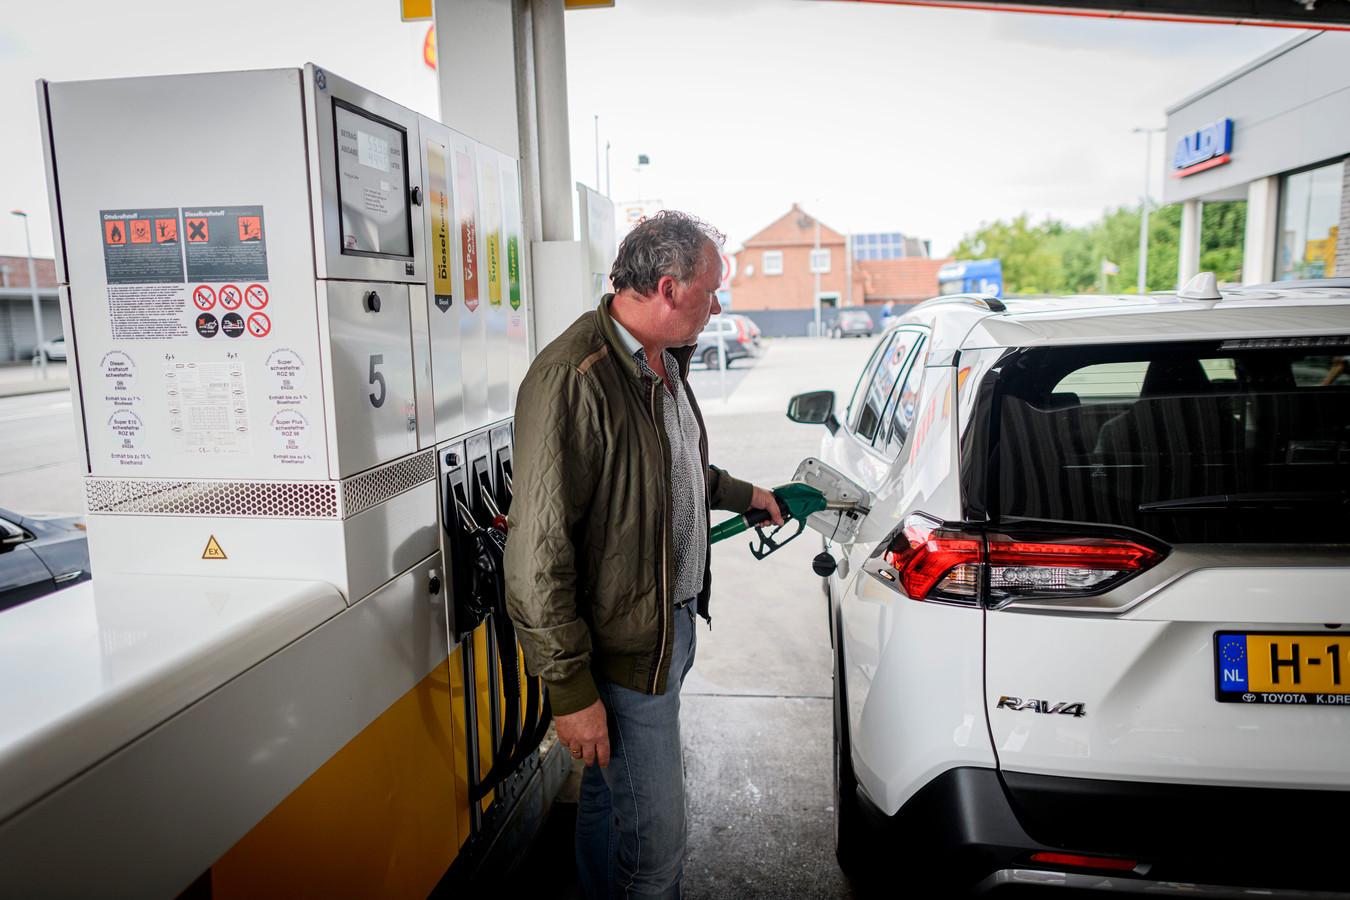 Voor een bezoekje aan het tankstation hoeven Nederlanders zich niet te registreren in Noordrijn-Westfalen.